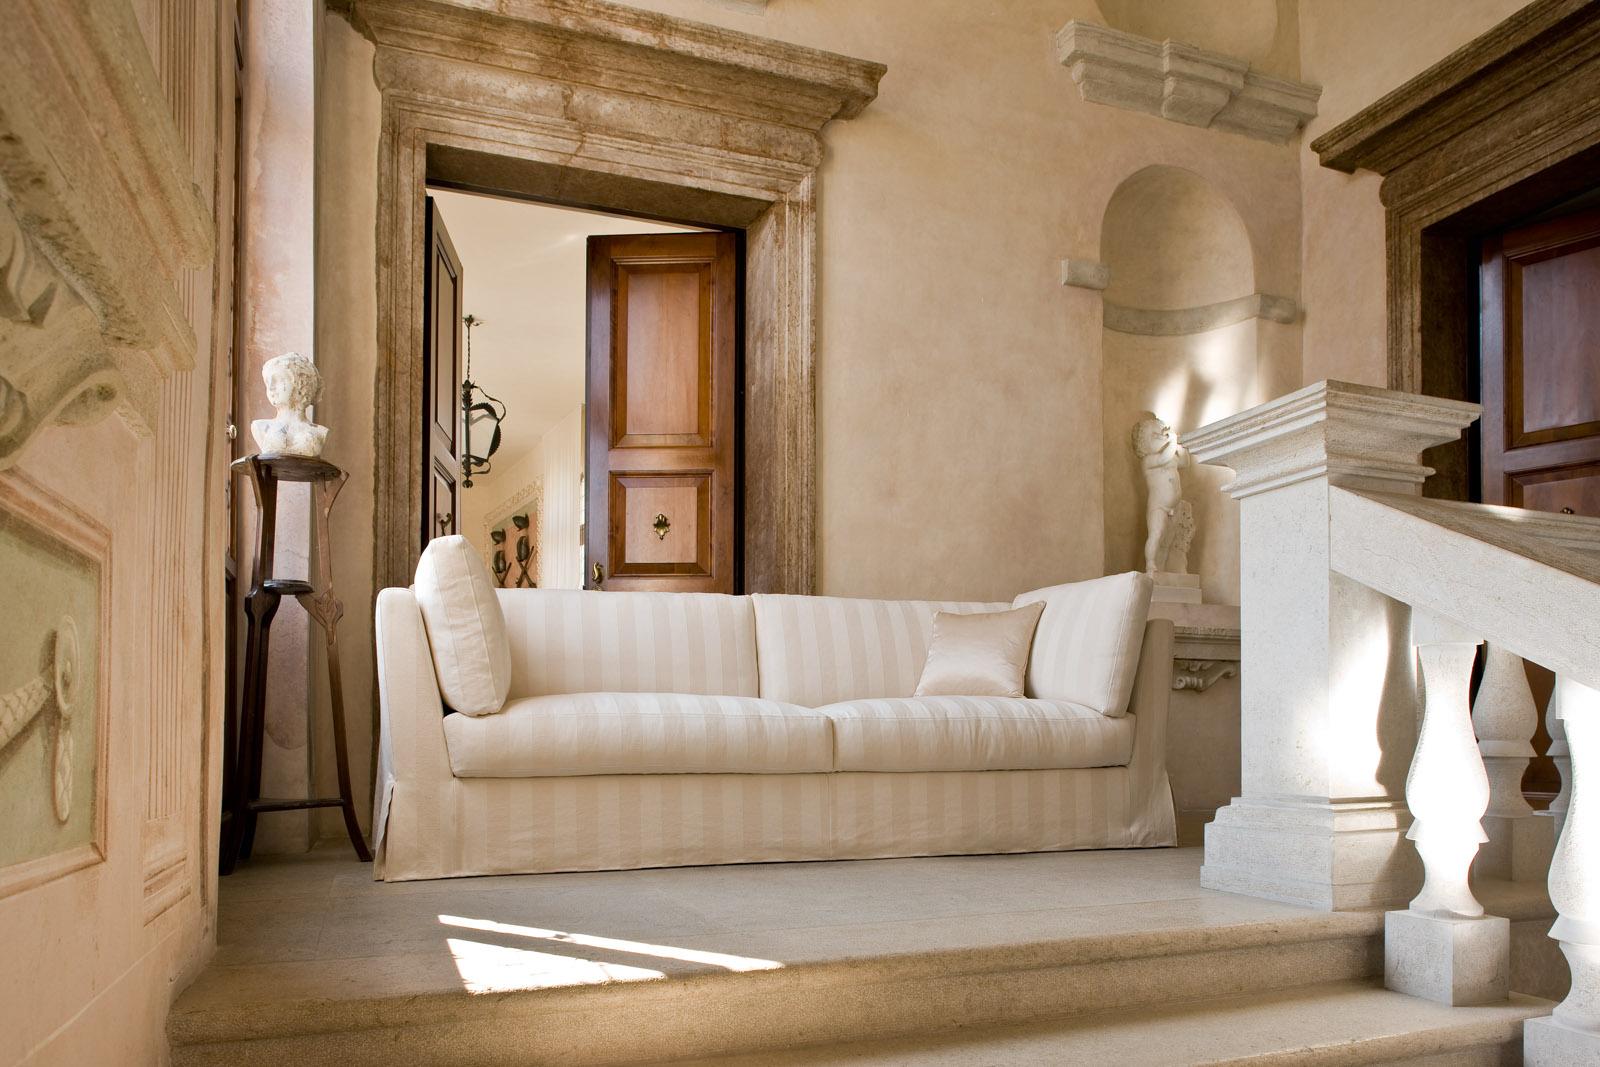 Полосатый диван в классическом стиле